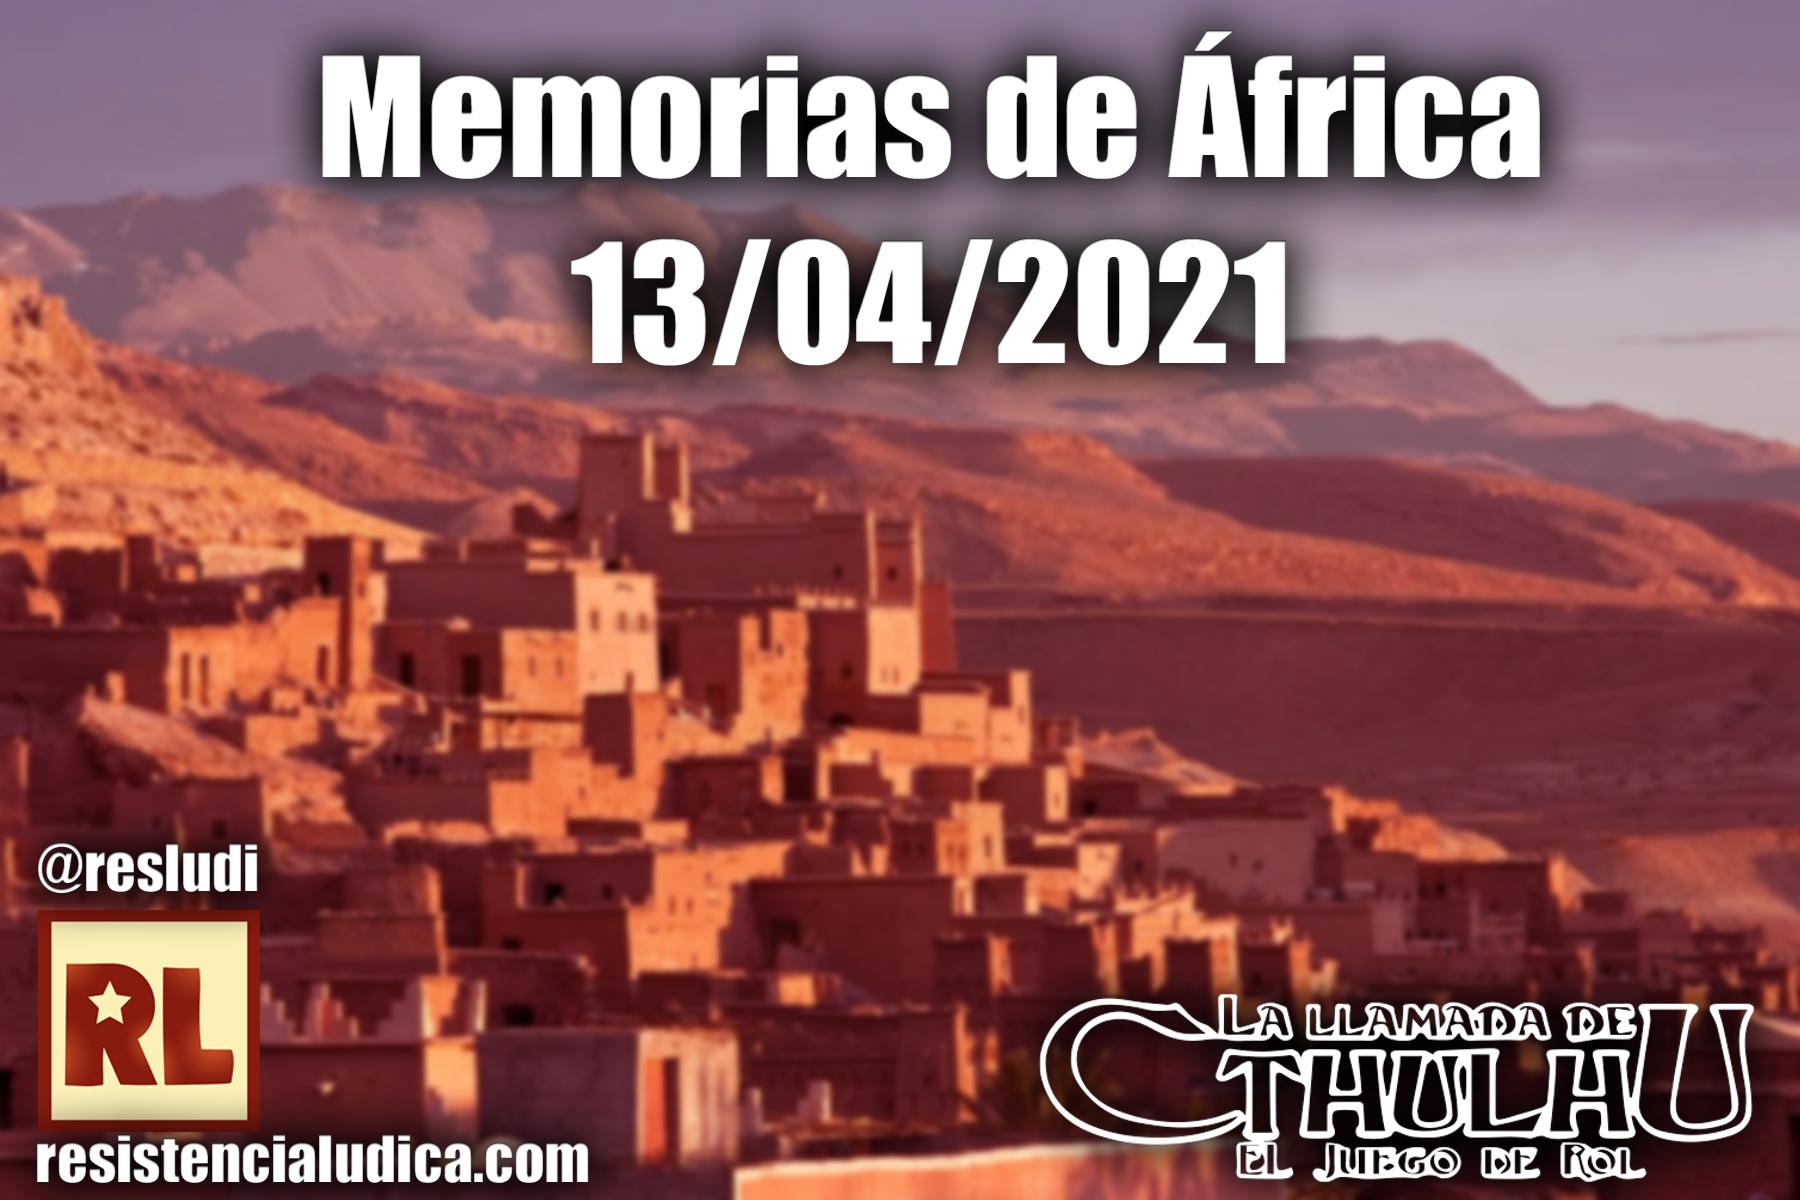 Resistencia Lúdica - Memorias de África (La llamada de Cthulhu 7)